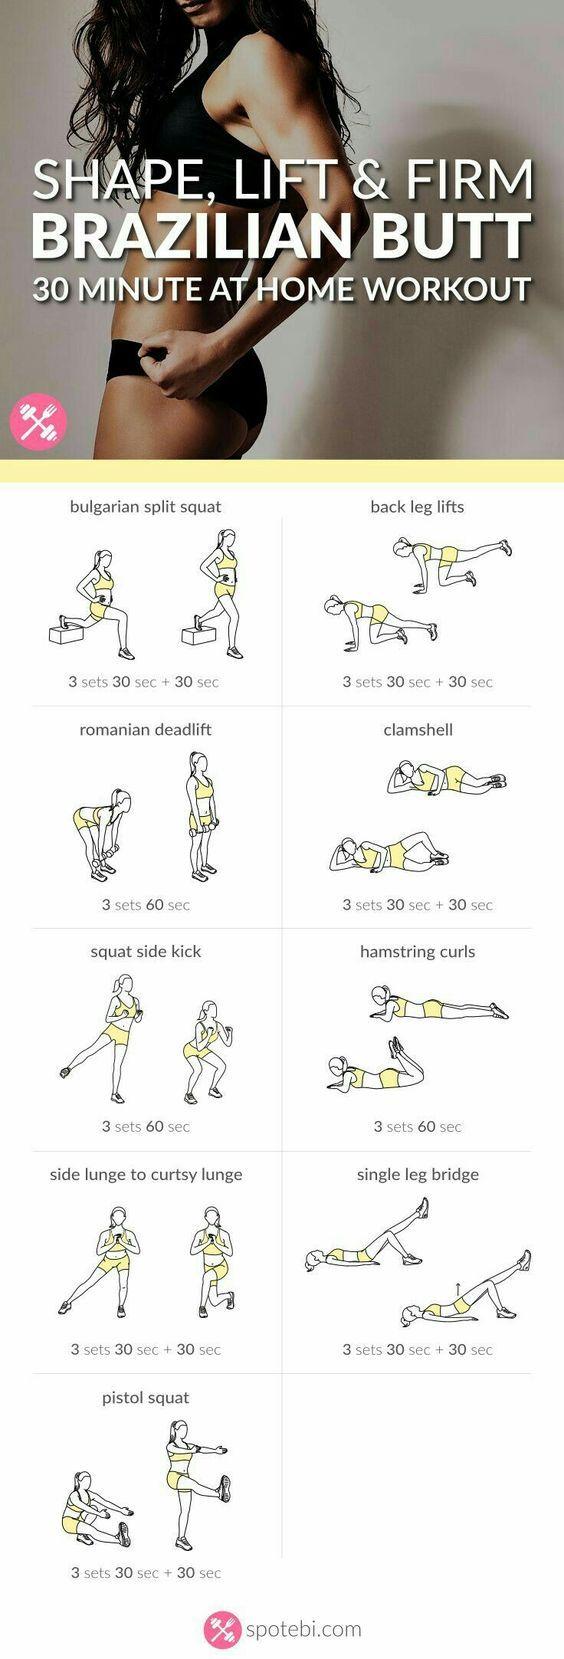 Butt Workout https://www.instagram.com/sweatcultureco/ @sweatcultureco  http://sweatcultureco.com/